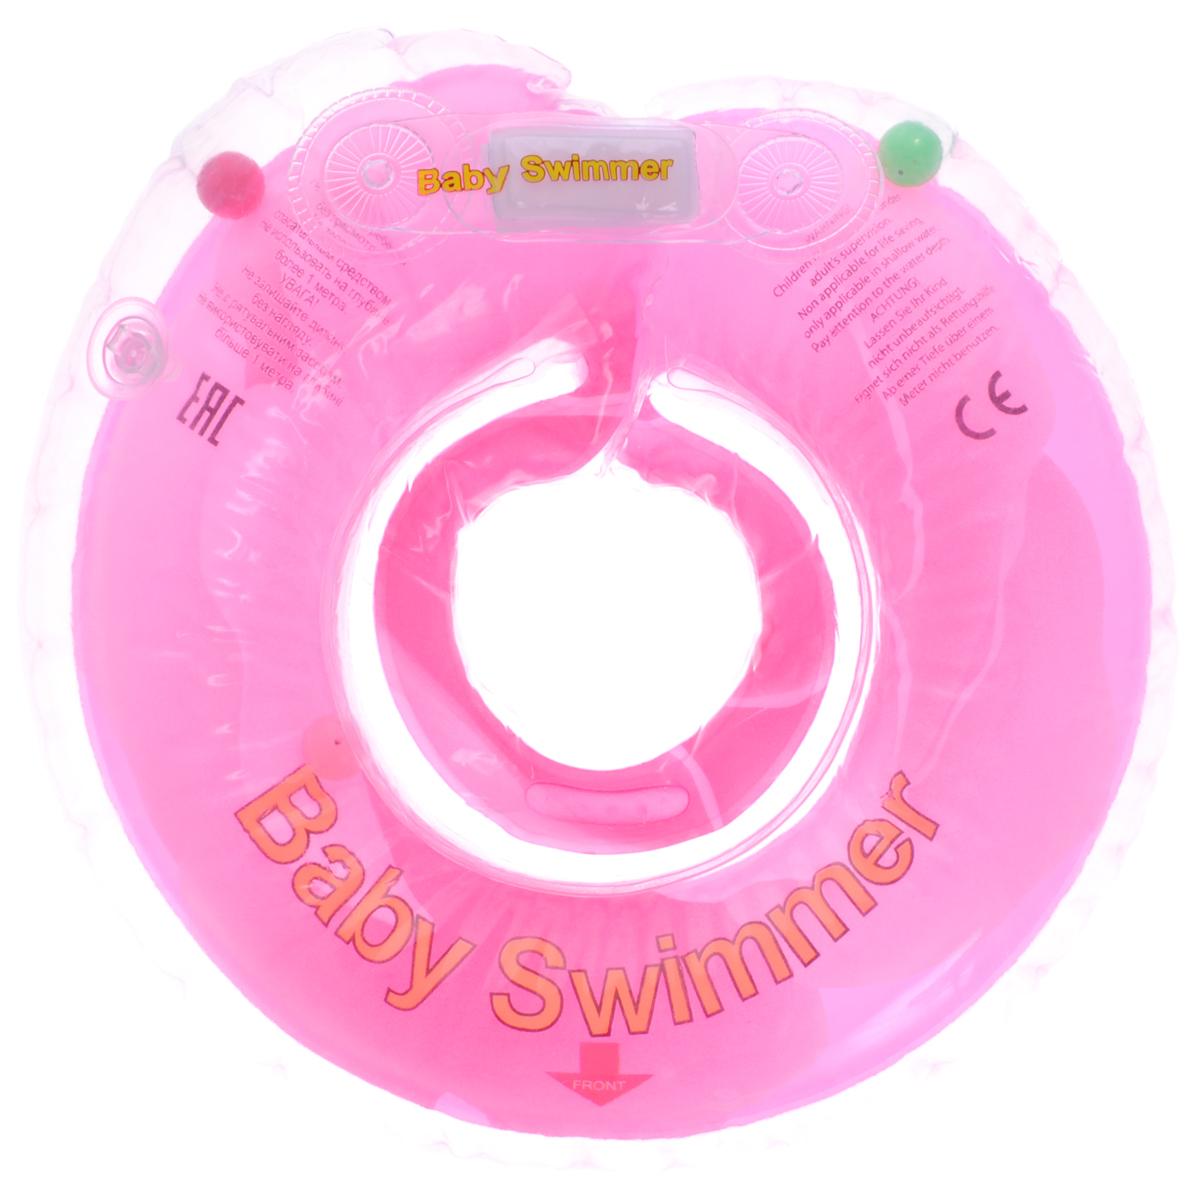 Baby Swimmer Круг на шею Розовый бутон с погремушкой 6-36 кгBS12А-B_розовый бутонКруг на шею Baby Swimmer с погремушкой внутри предназначен для купания малышей с рождения в домашних условиях или на открытом воздухе на глубине не более 1 метра. Одетый на шею ребенка круг не доставляет малышу никакого дискомфорта, ввиду применения технологии внутреннего шва, который делает края мягкими на ощупь. На внутренней стороне круга имеется вставка для подбородка ребенка, которая надежно фиксирует его положение и препятствует соскальзыванию. Двусторонняя липкая застежка сверху и снизу круга обеспечивает повышенную безопасность и позволяет регулировать внутренний размер круга, что делает возможность получить комфортное прилегание к шее ребенка. А благодаря двум раздельным контурам, надувающимся отдельно, создается дополнительная безопасность во время купания ребенка. Круг Baby Swimmer является отличным помощником для родителей и большой радостью для детей, так как дает им возможность полной свободы действия в воде! Круг на шею изготовлен из...